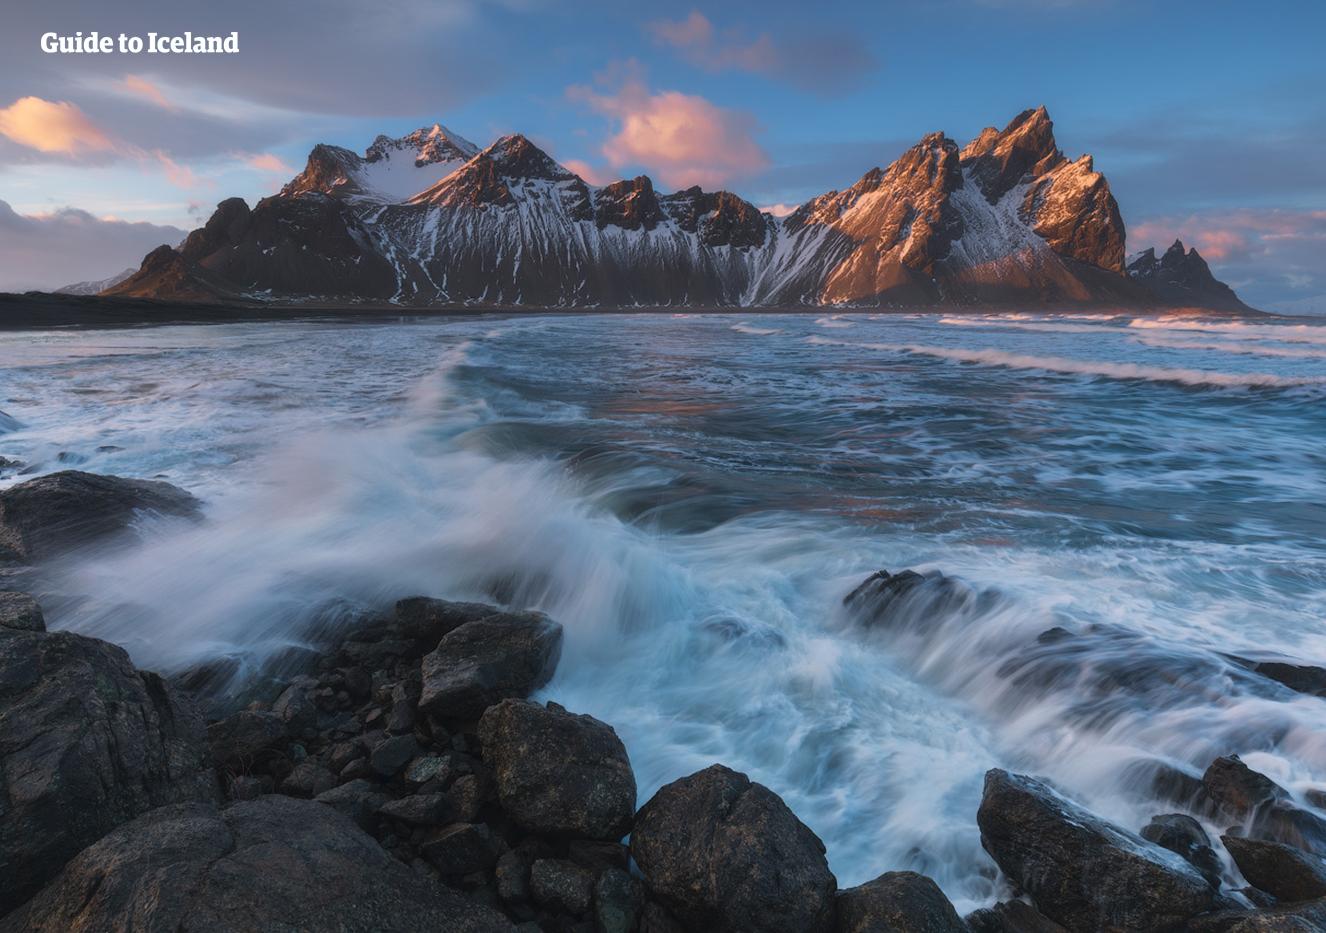 Vestrahorn-fjellet på halvøya Stokksnes er taggete, uforsonlig og svært fotogent, spesielt når det er dekket av snø om vinteren.